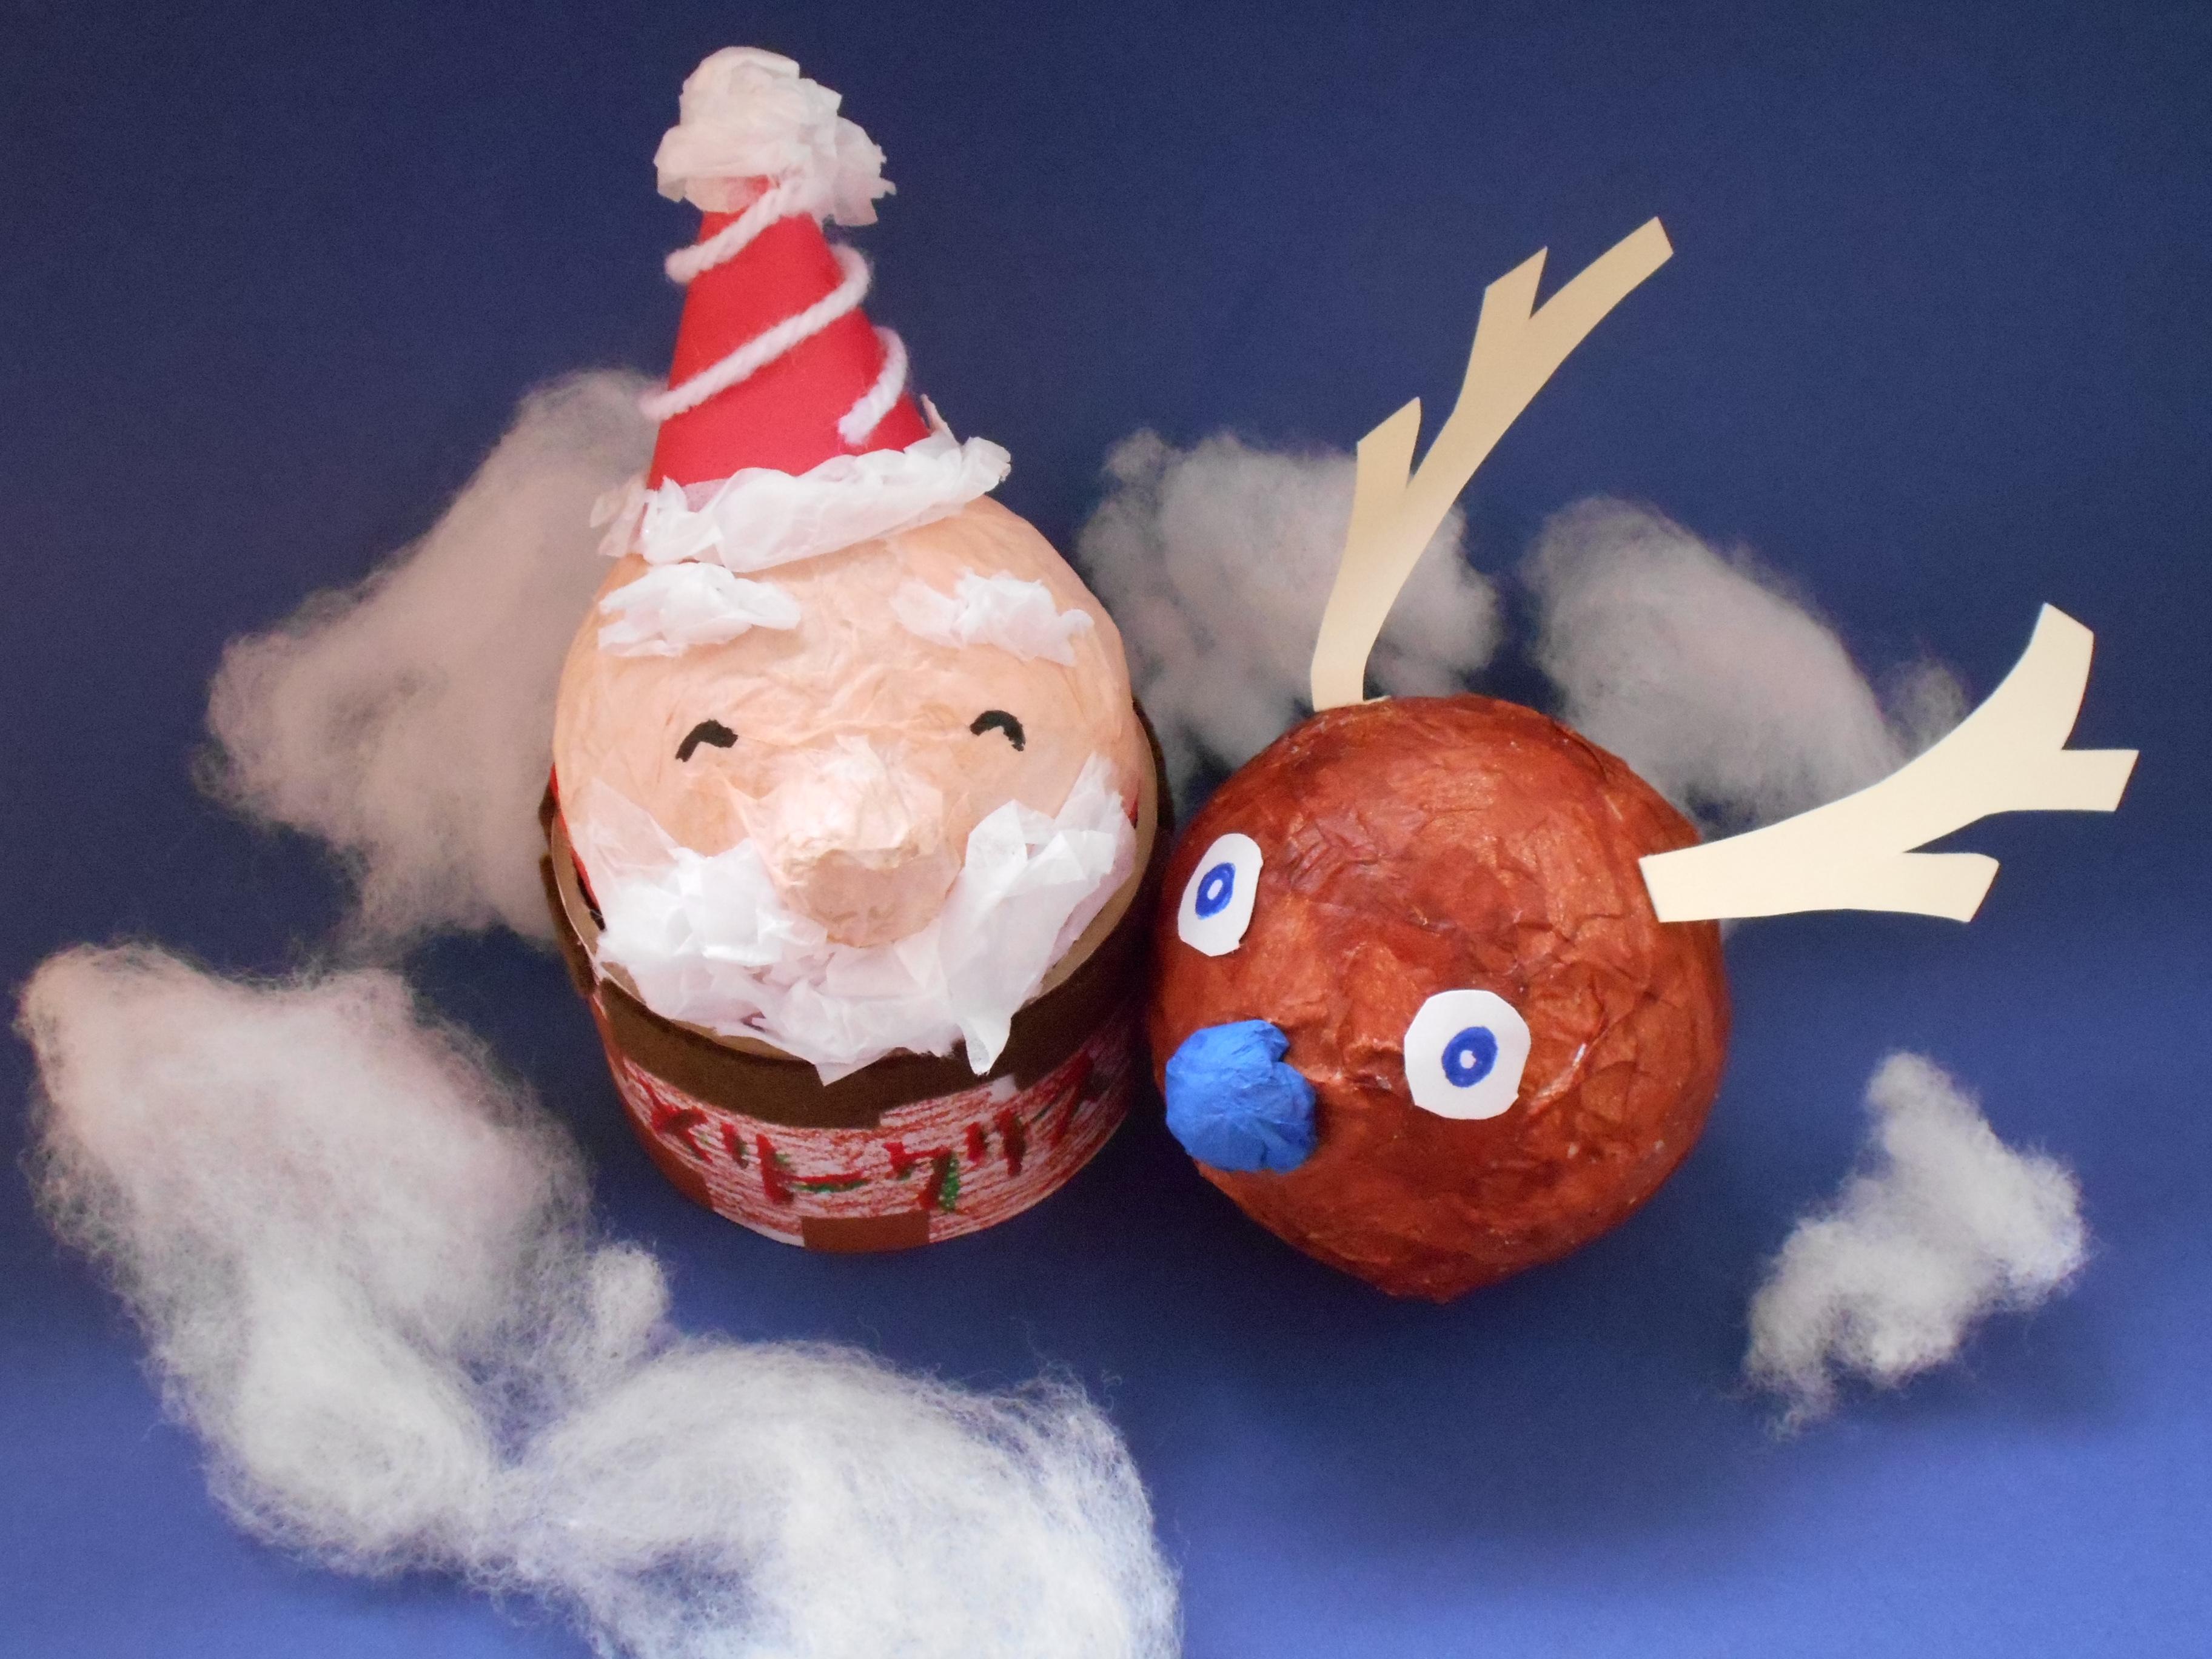 まんまるサンタとおともだち〈クリスマスフェスタ〉